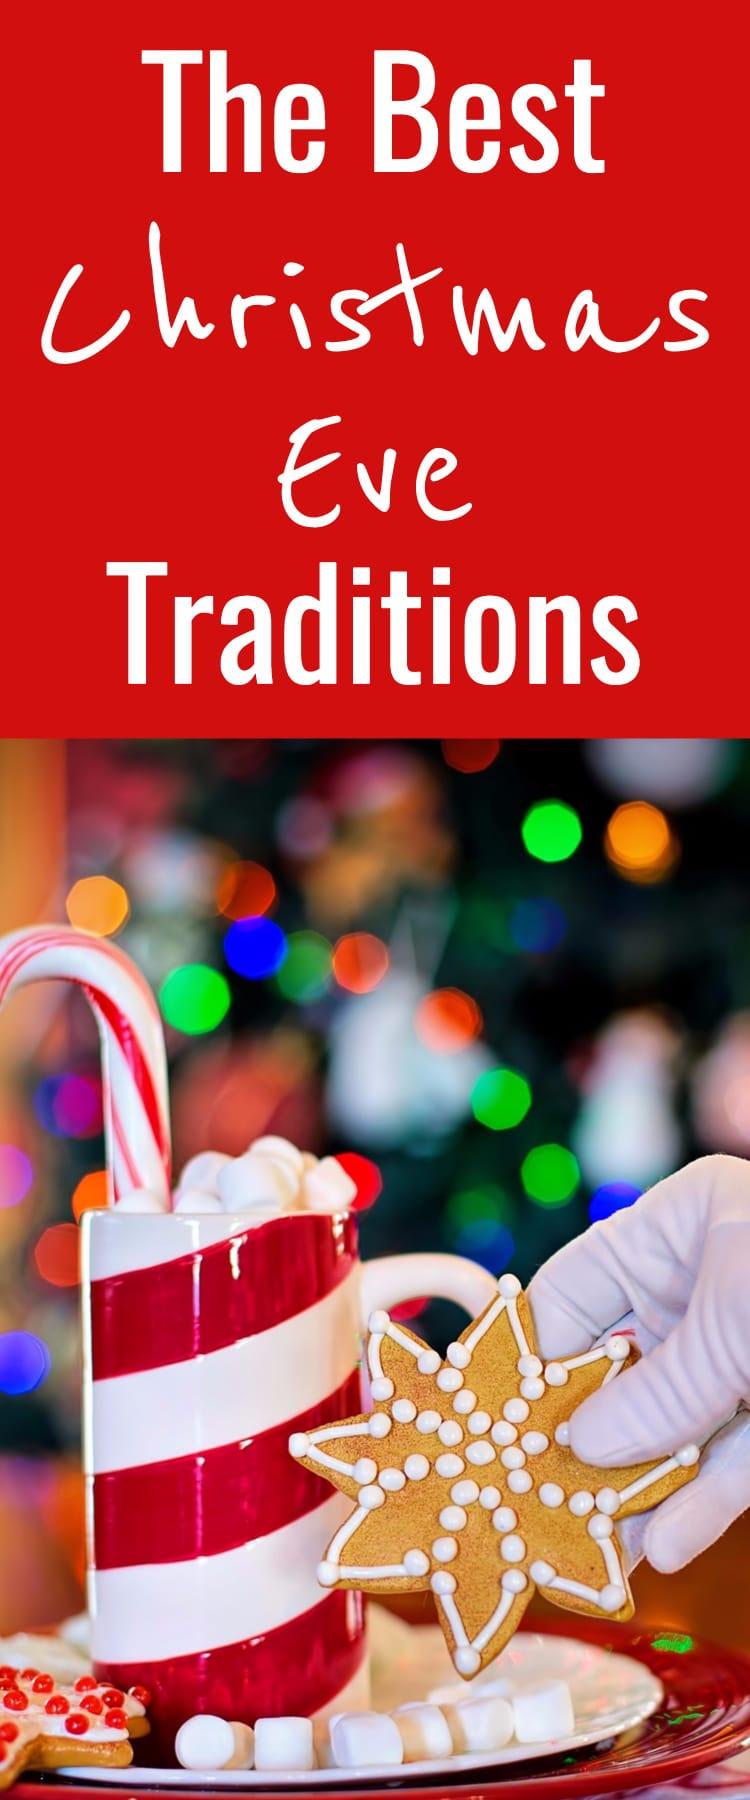 Christmas Eve / Christmas Eve Traditions / #ChristmasEve #Christmas Christmas / Santa Claus